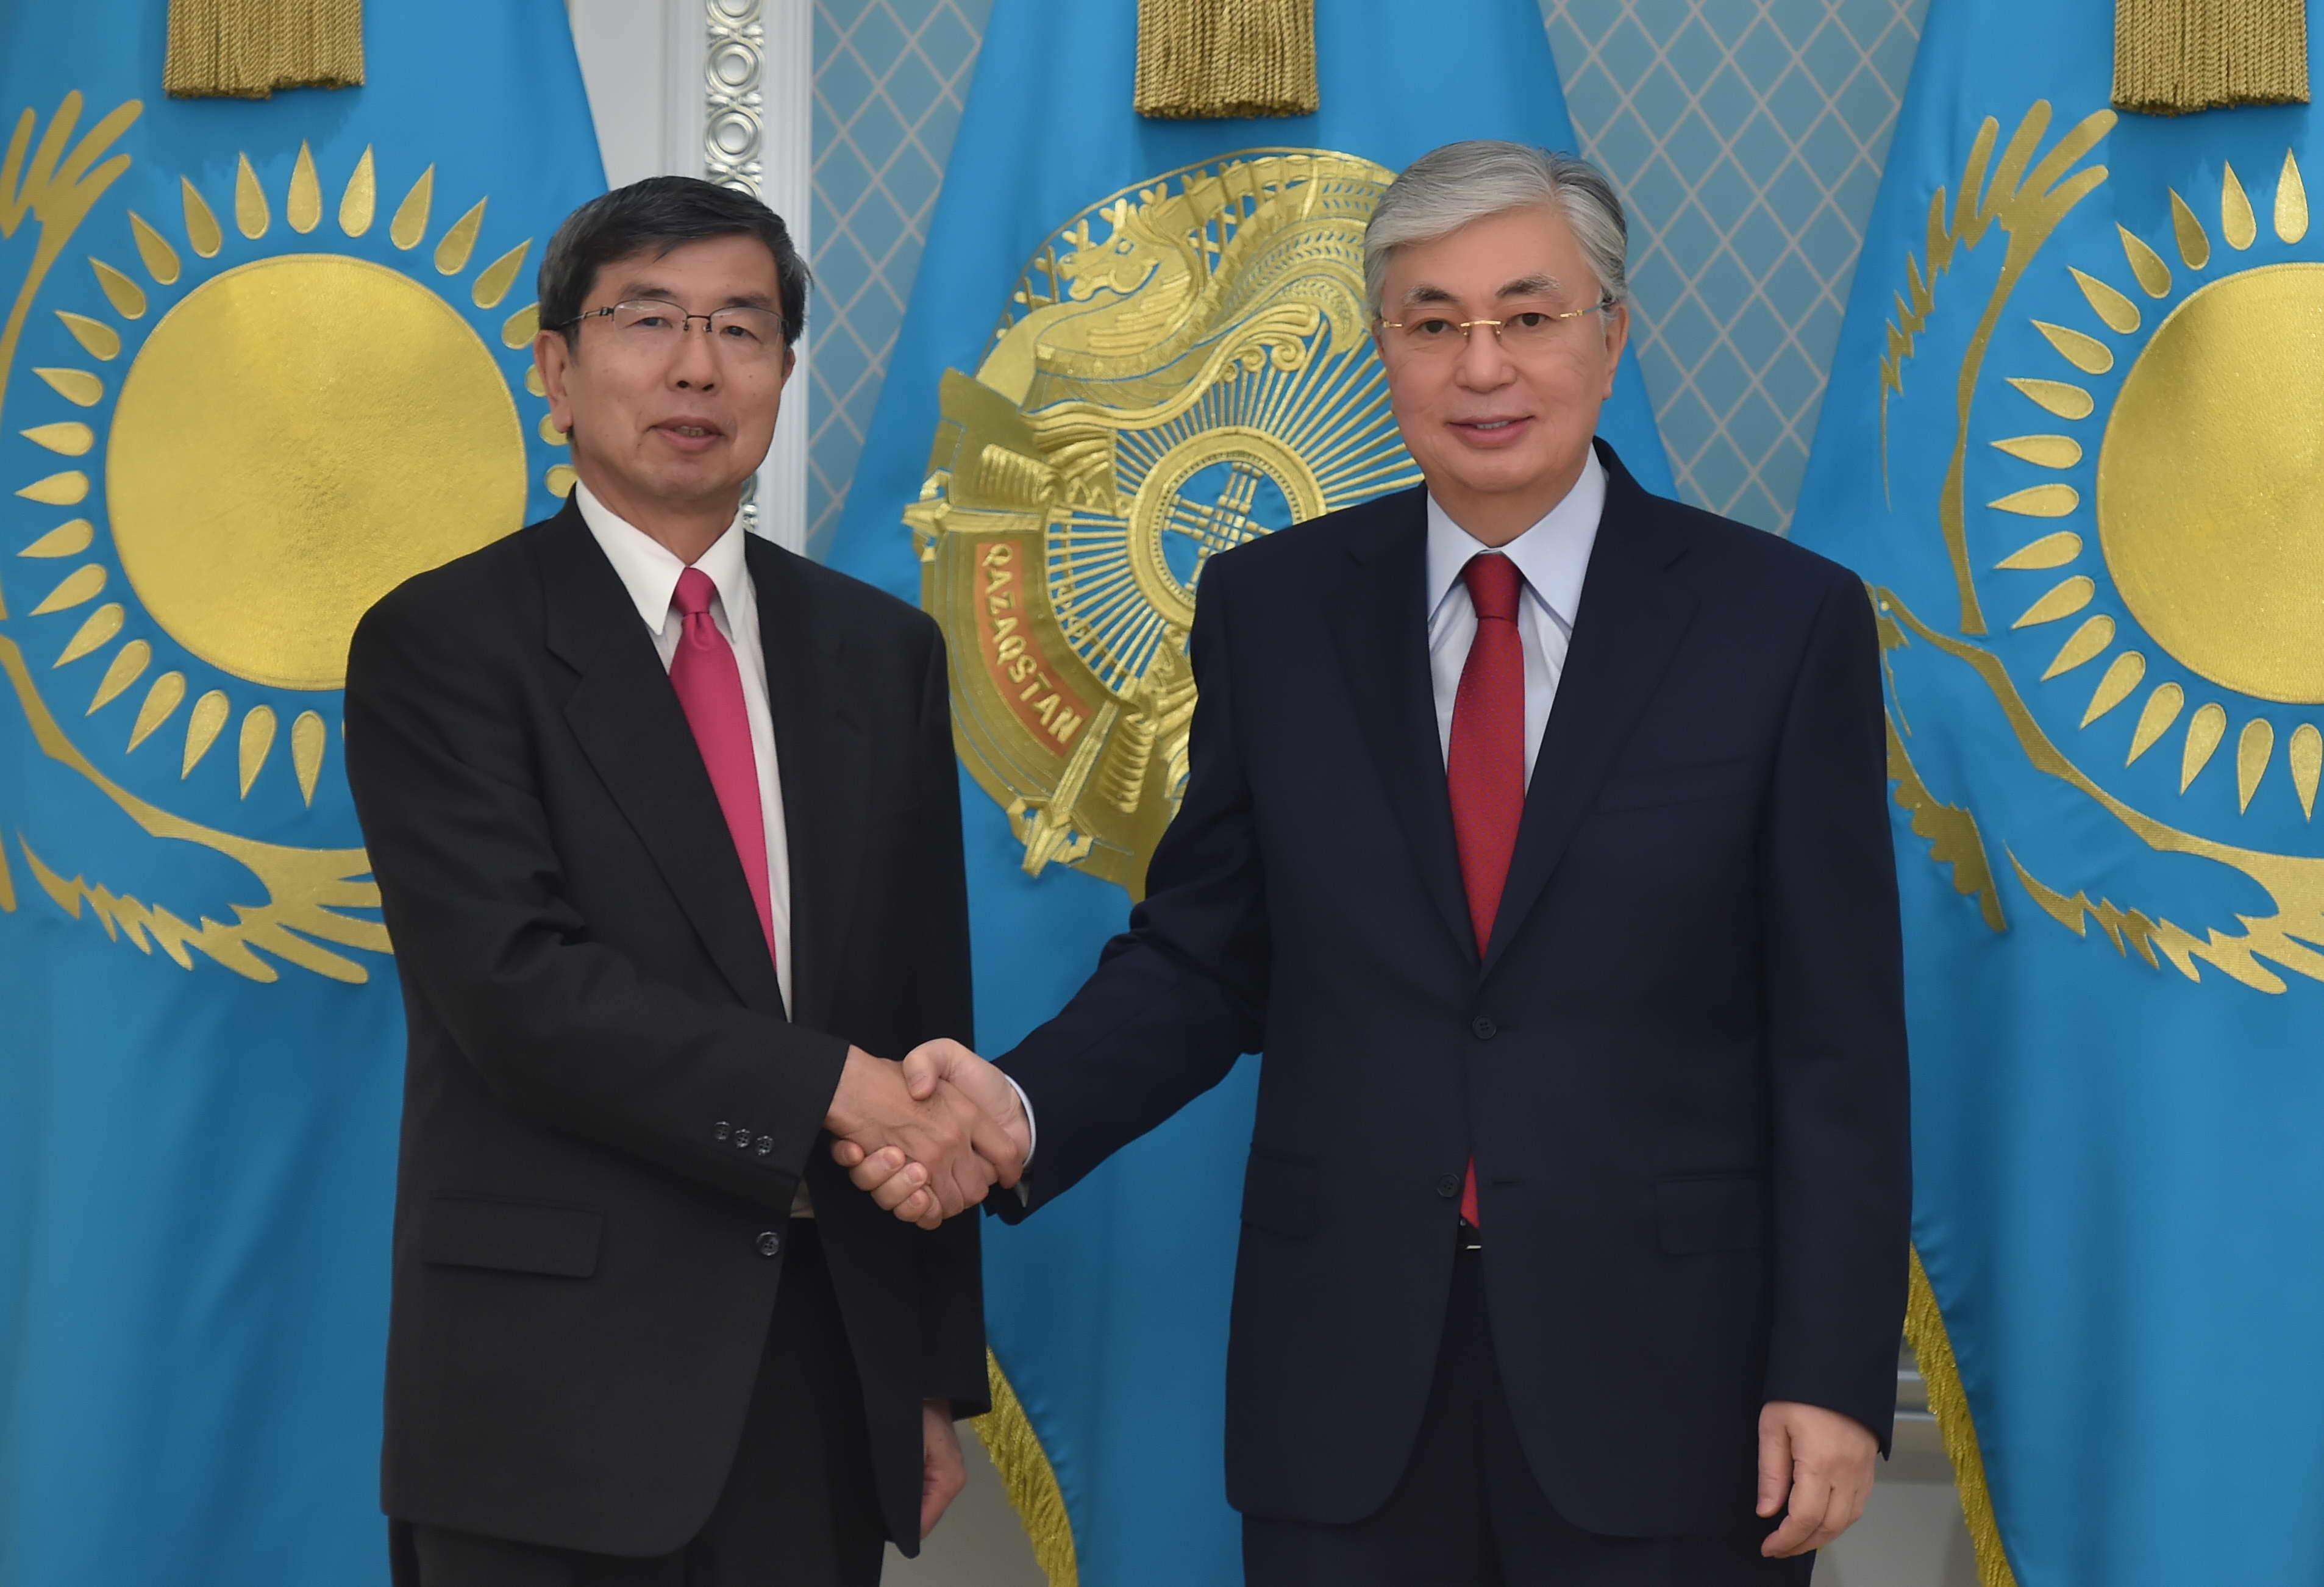 Касым-Жомарт Токаев принял президента Азиатского банка развития Такехико Накао